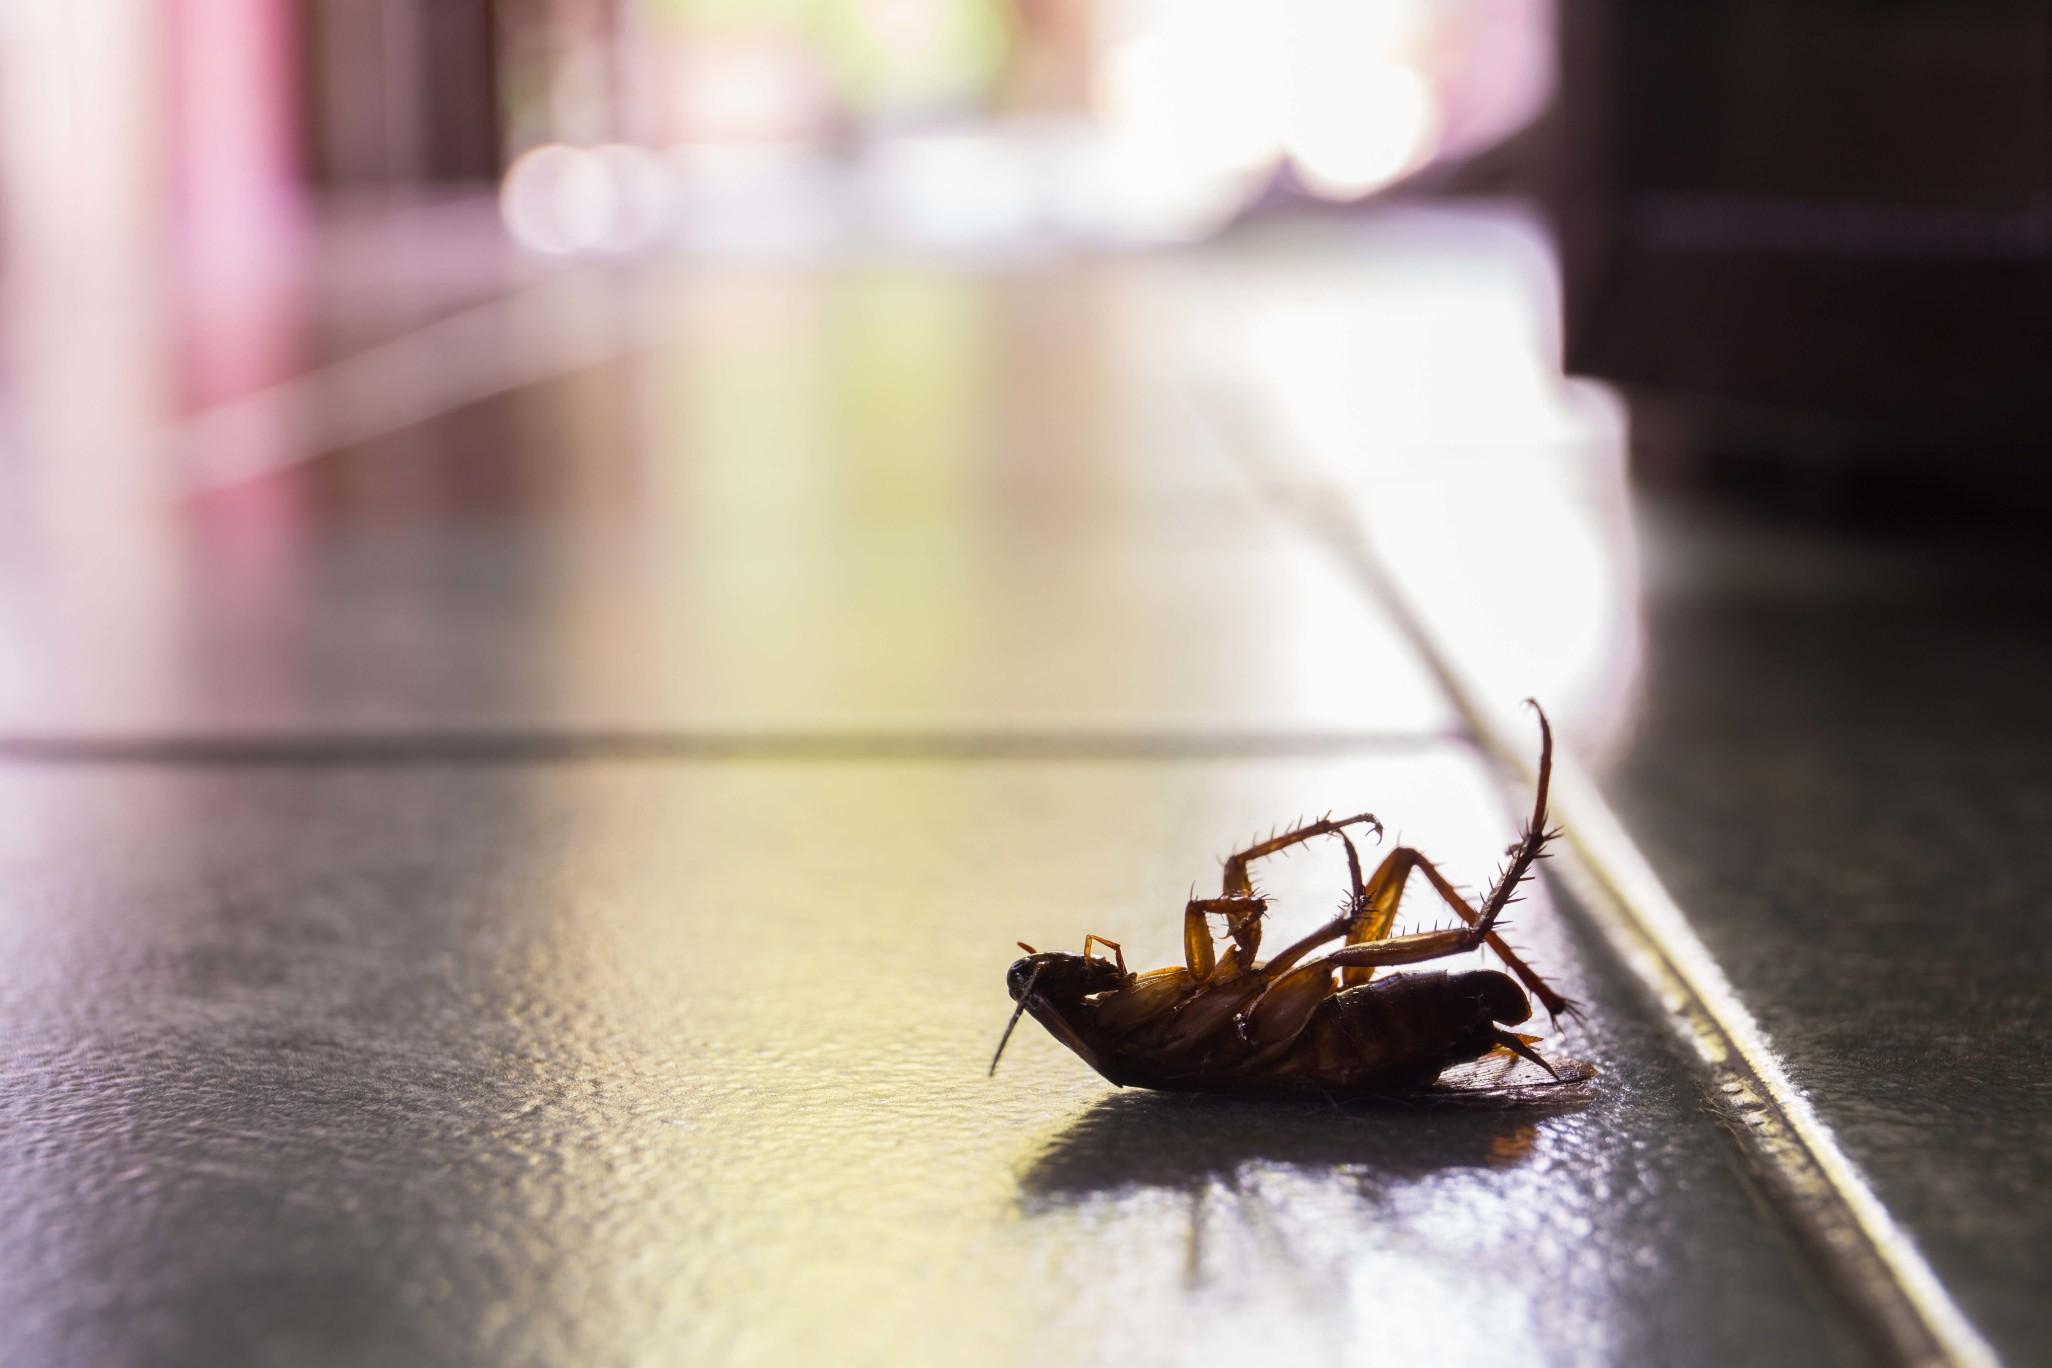 常有人說「打不死的蟑螂」,可見蟑螂的生命力之旺盛與人類對其的討厭程度。蟑螂繁衍的速度令人驚艷,最大的原因在於蟑螂「孤雌生殖」的能力,意思是即便只有一隻母蟑螂存在,牠仍舊可以複製自身的基因,產下出幾百隻的母蟑螂。